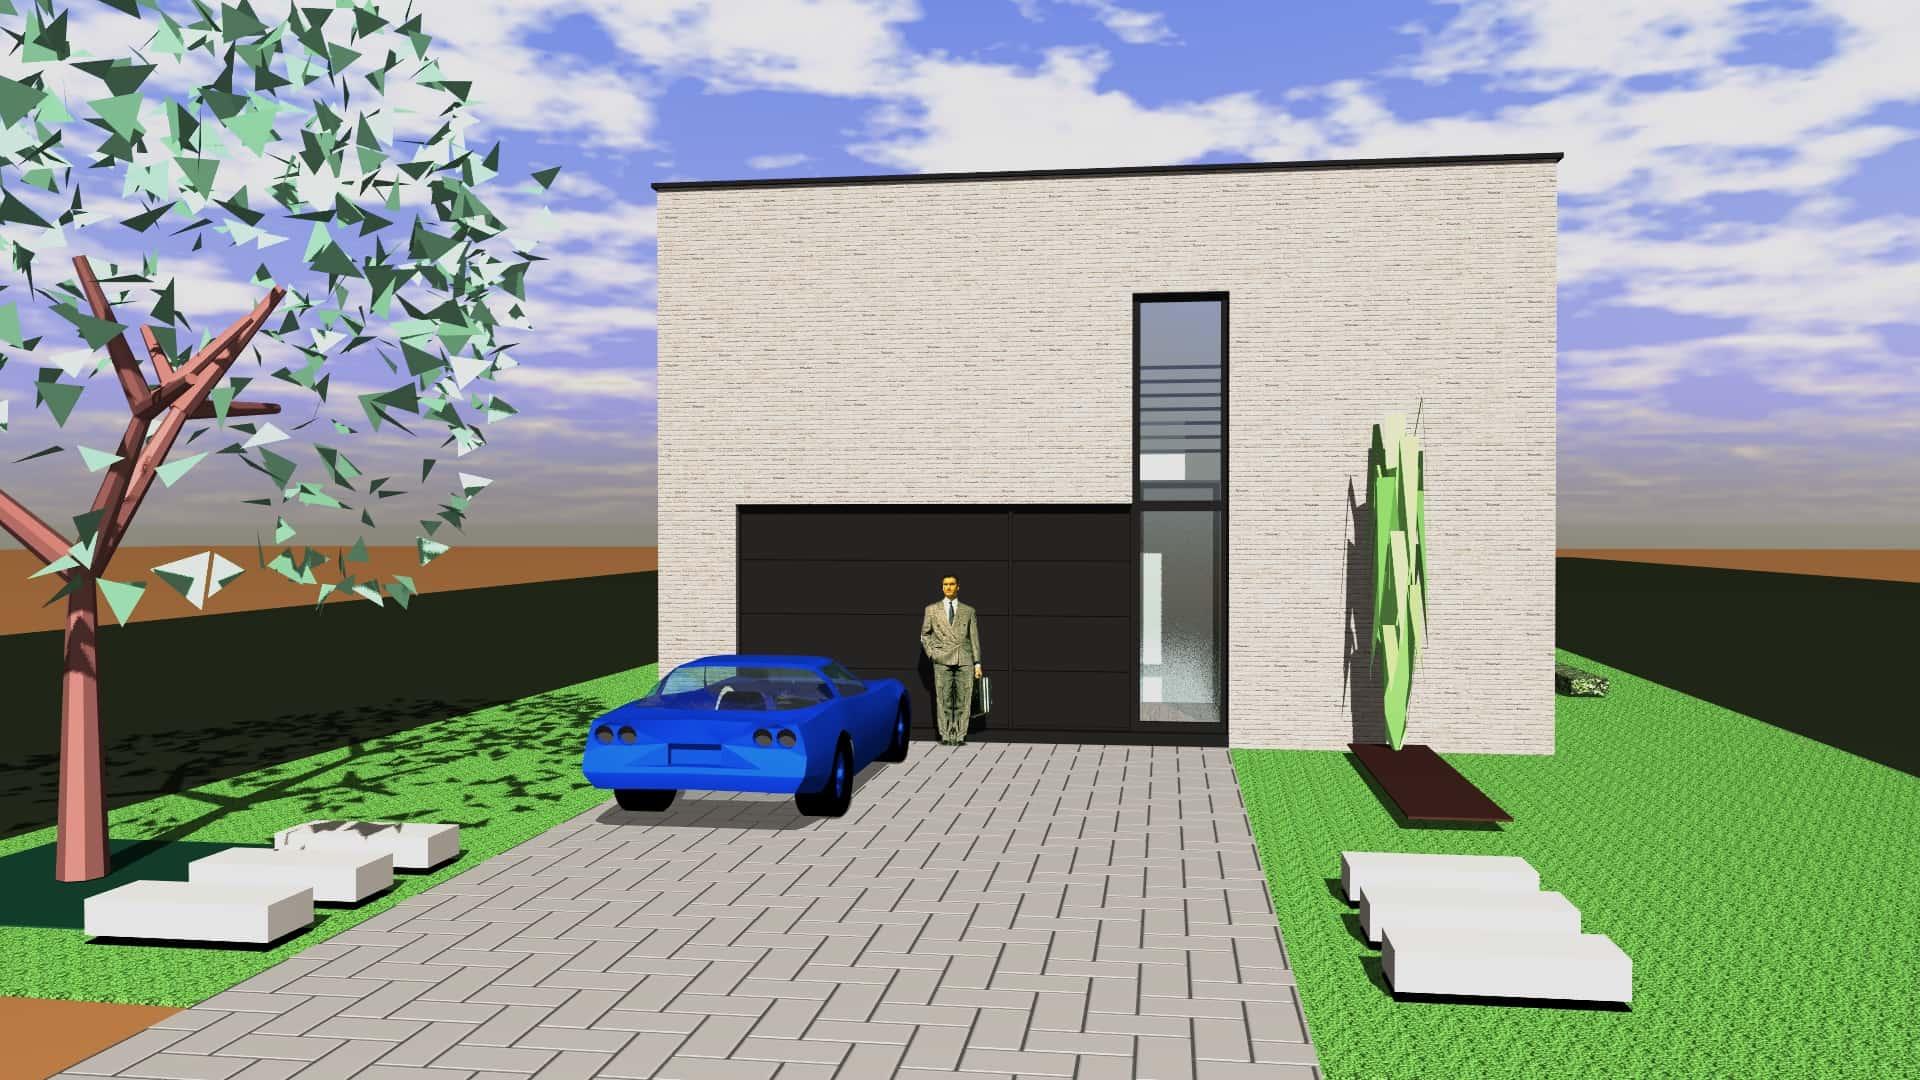 Detail afbeelding 5 van M & C   –   Strakke Gezinswoning   –   Wiemismeer Zutendaal | Ontwerp door architect Patrick Strackx